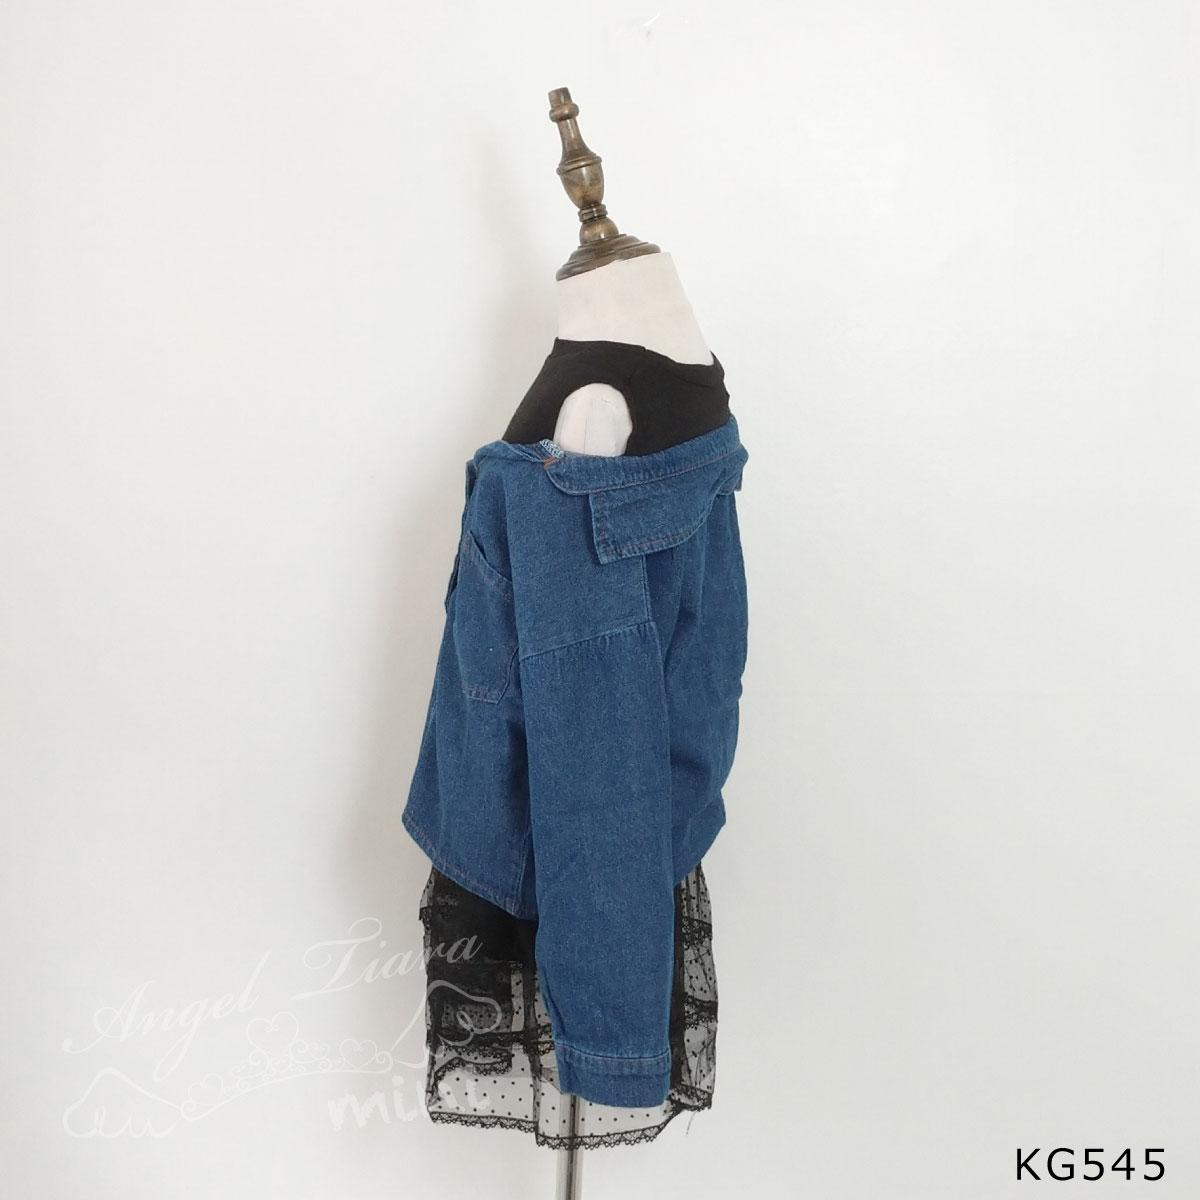 子供服 キッズ 女の子 長袖 シャツ 重ね着風 秋 冬 KG545